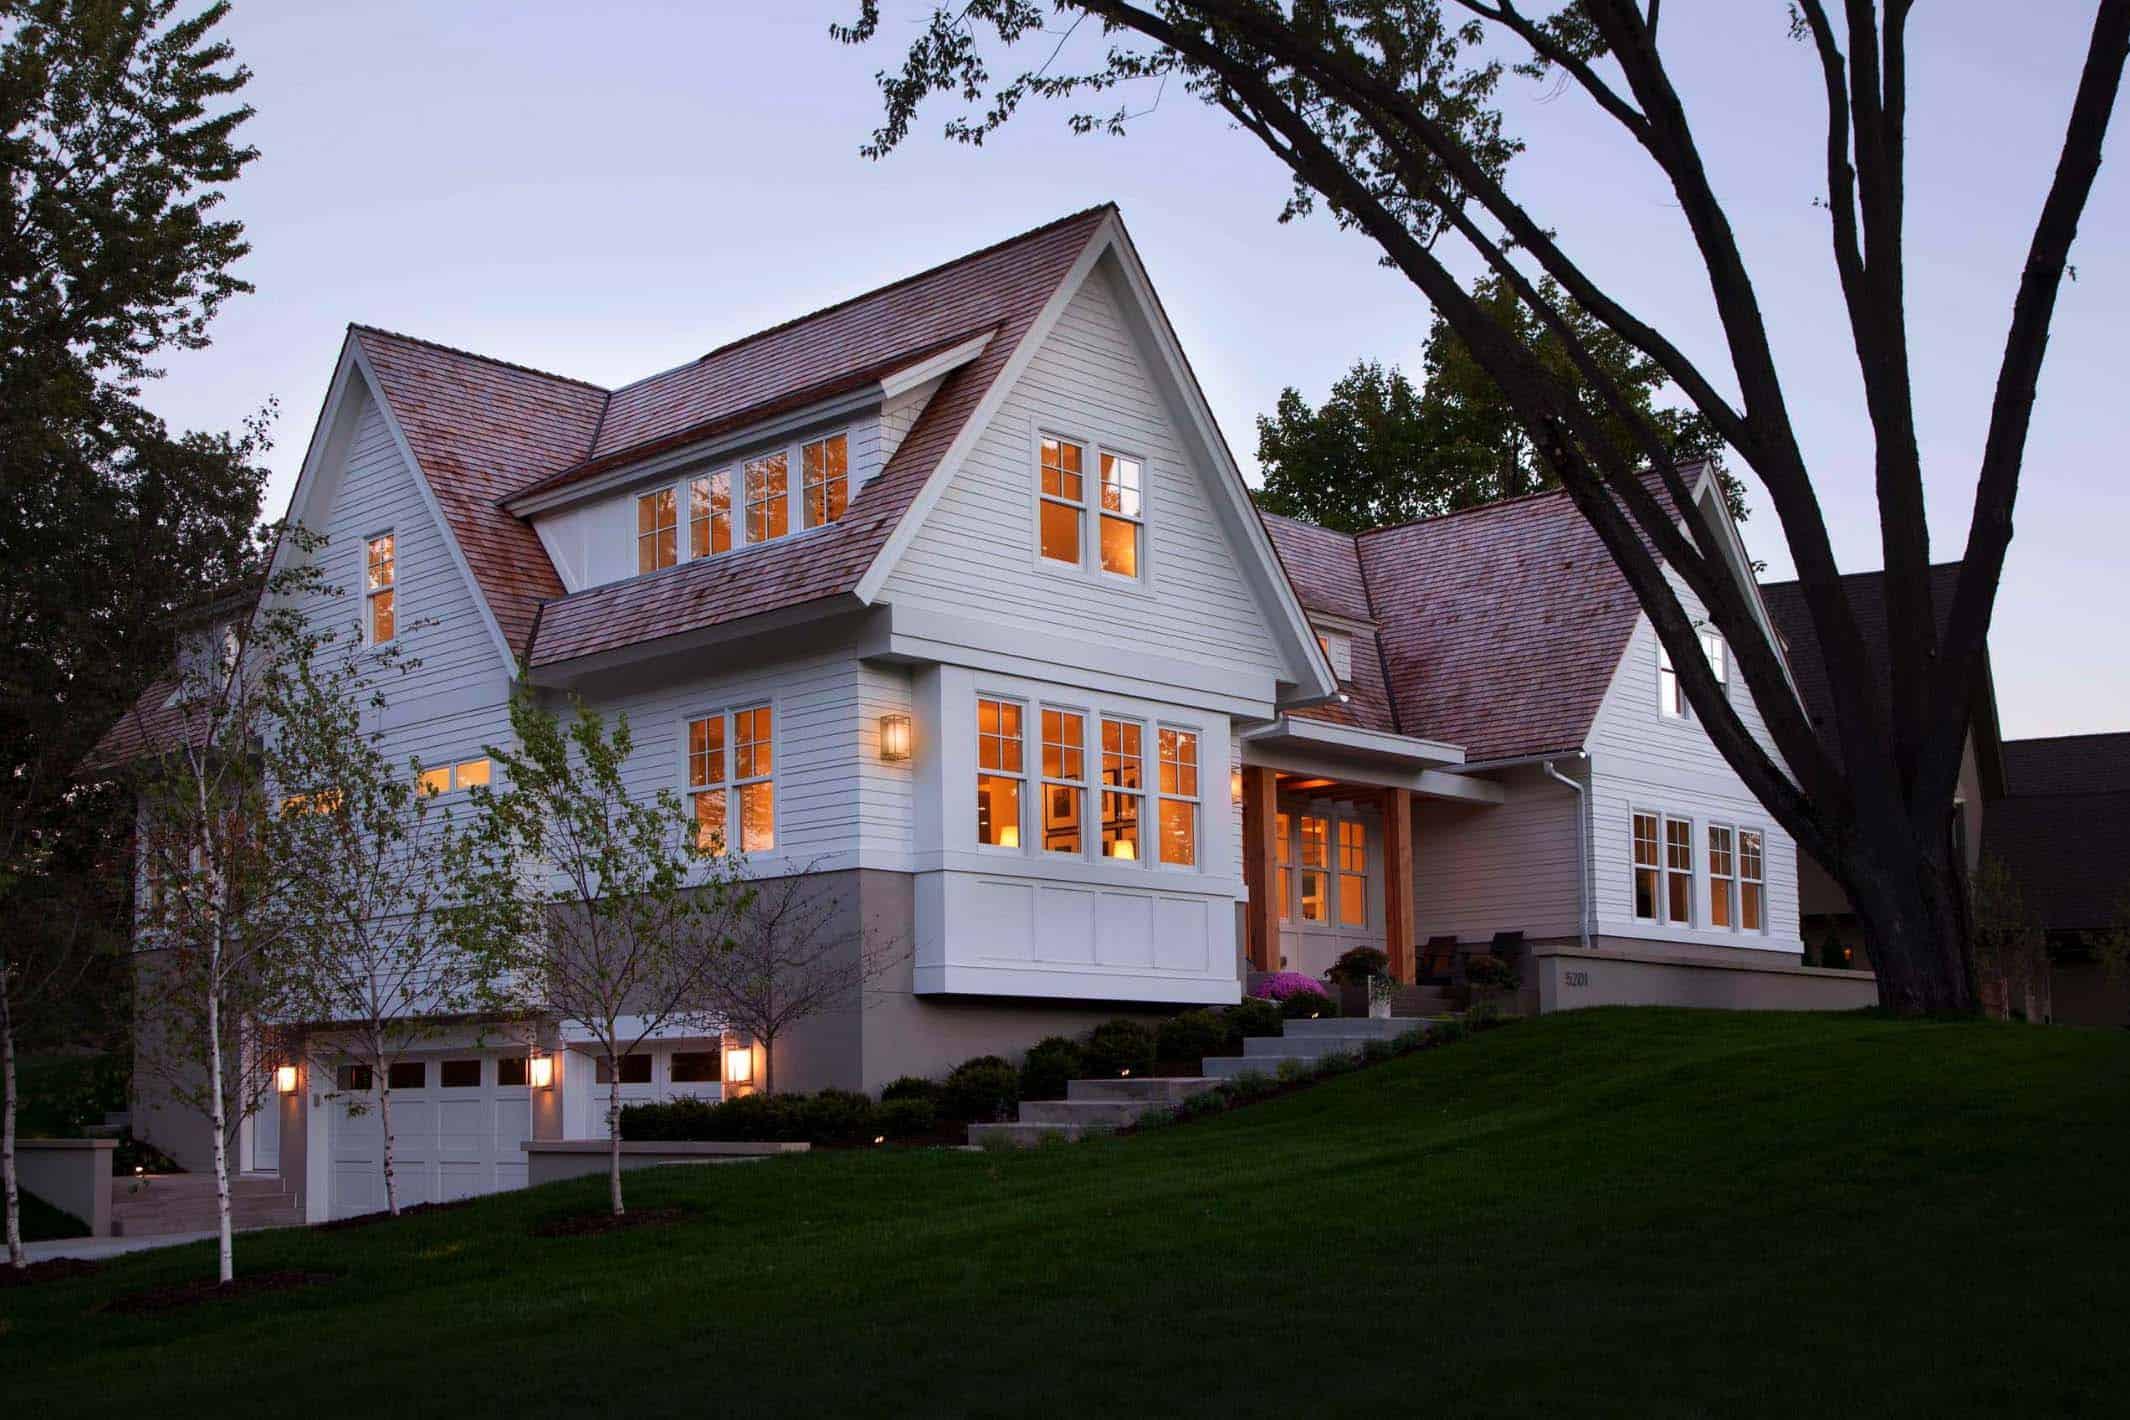 bardeau-moderne-style-maison-avant-extérieur